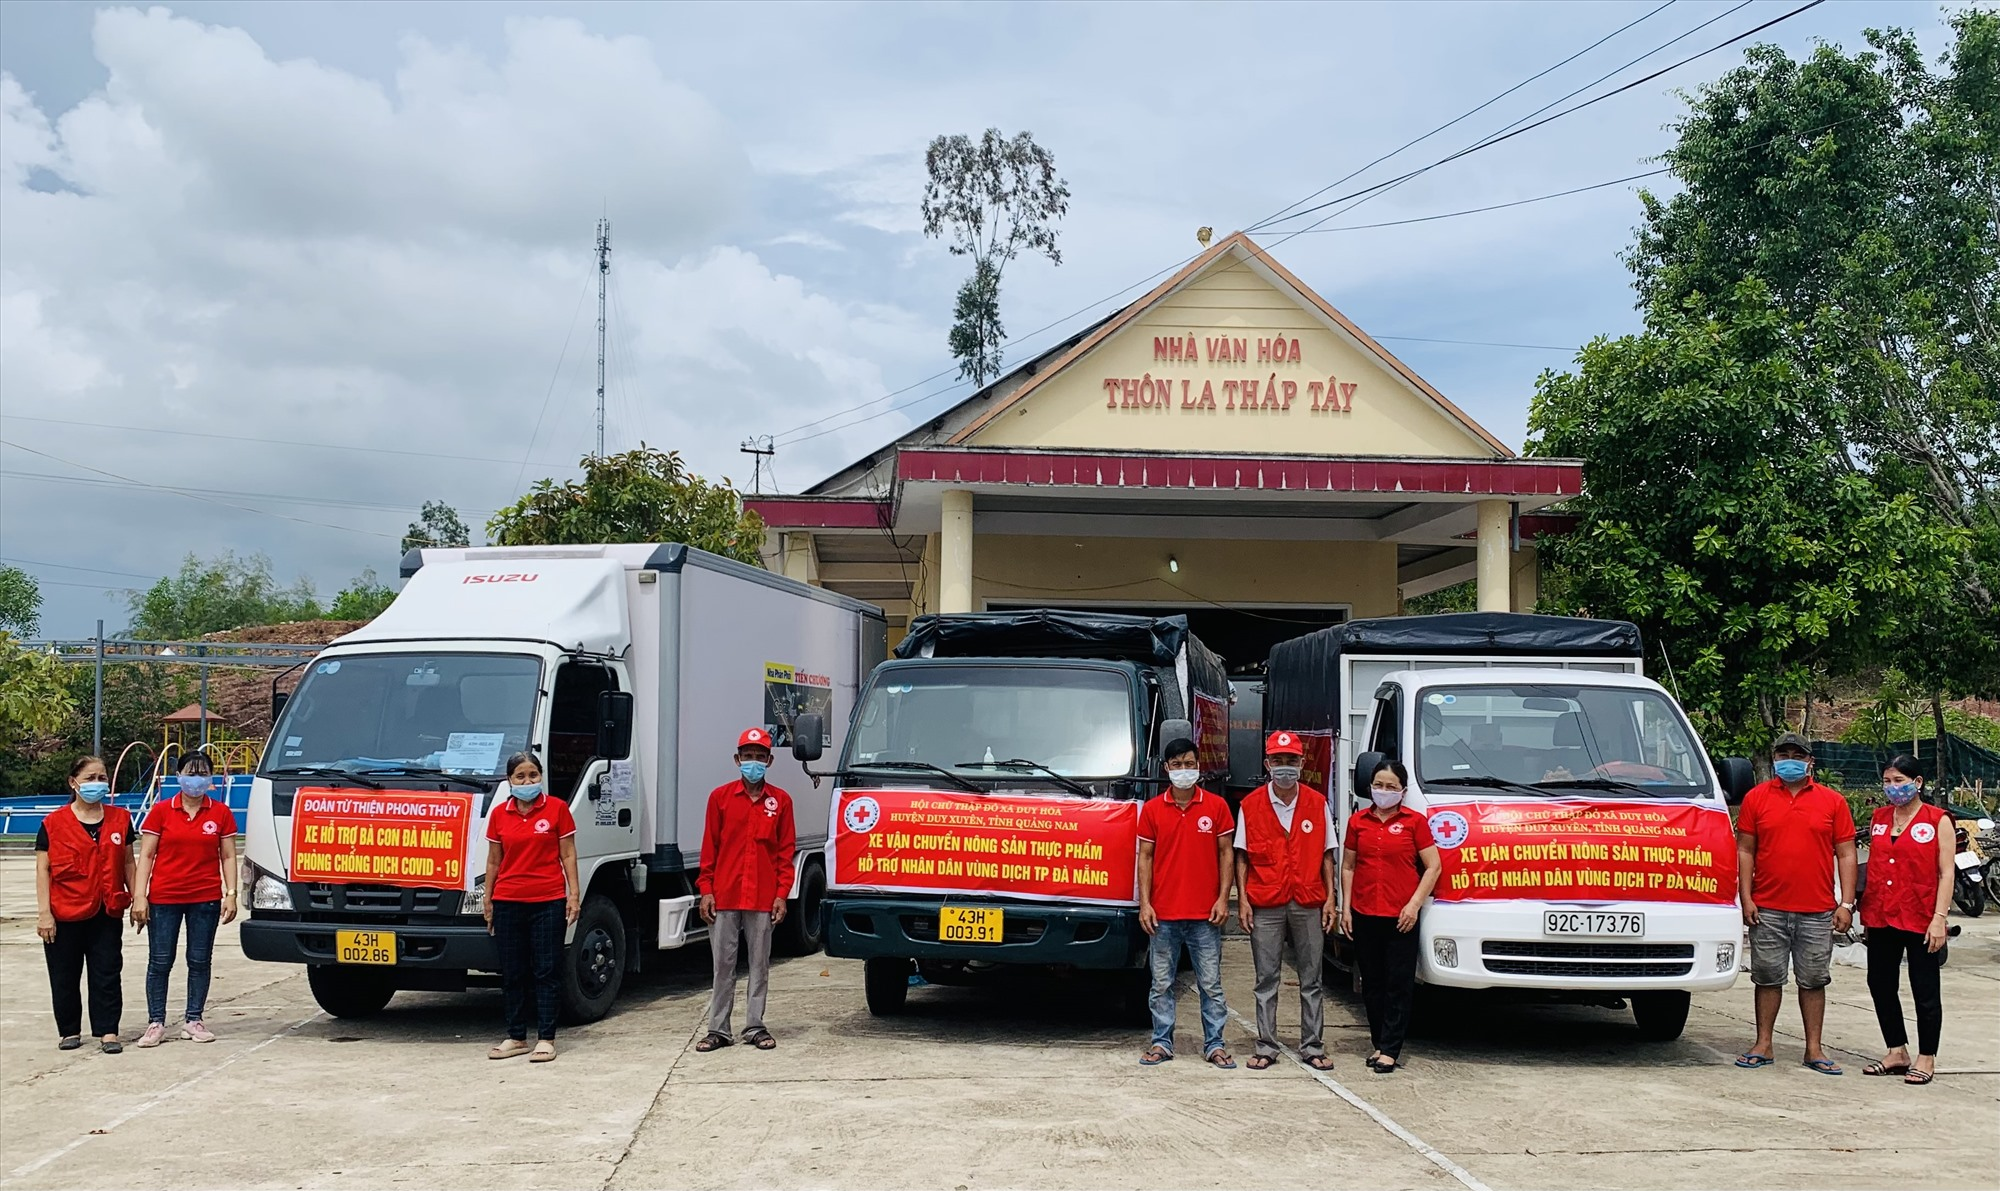 Huy động nhiều phương tiện chở hơn 15 tấn lương thực, thực phẩm ra TP.Đà Nẵng hỗ trợ người dân bị ảnh hưởng bởi dịch Covid-19.     Ảnh: N.P